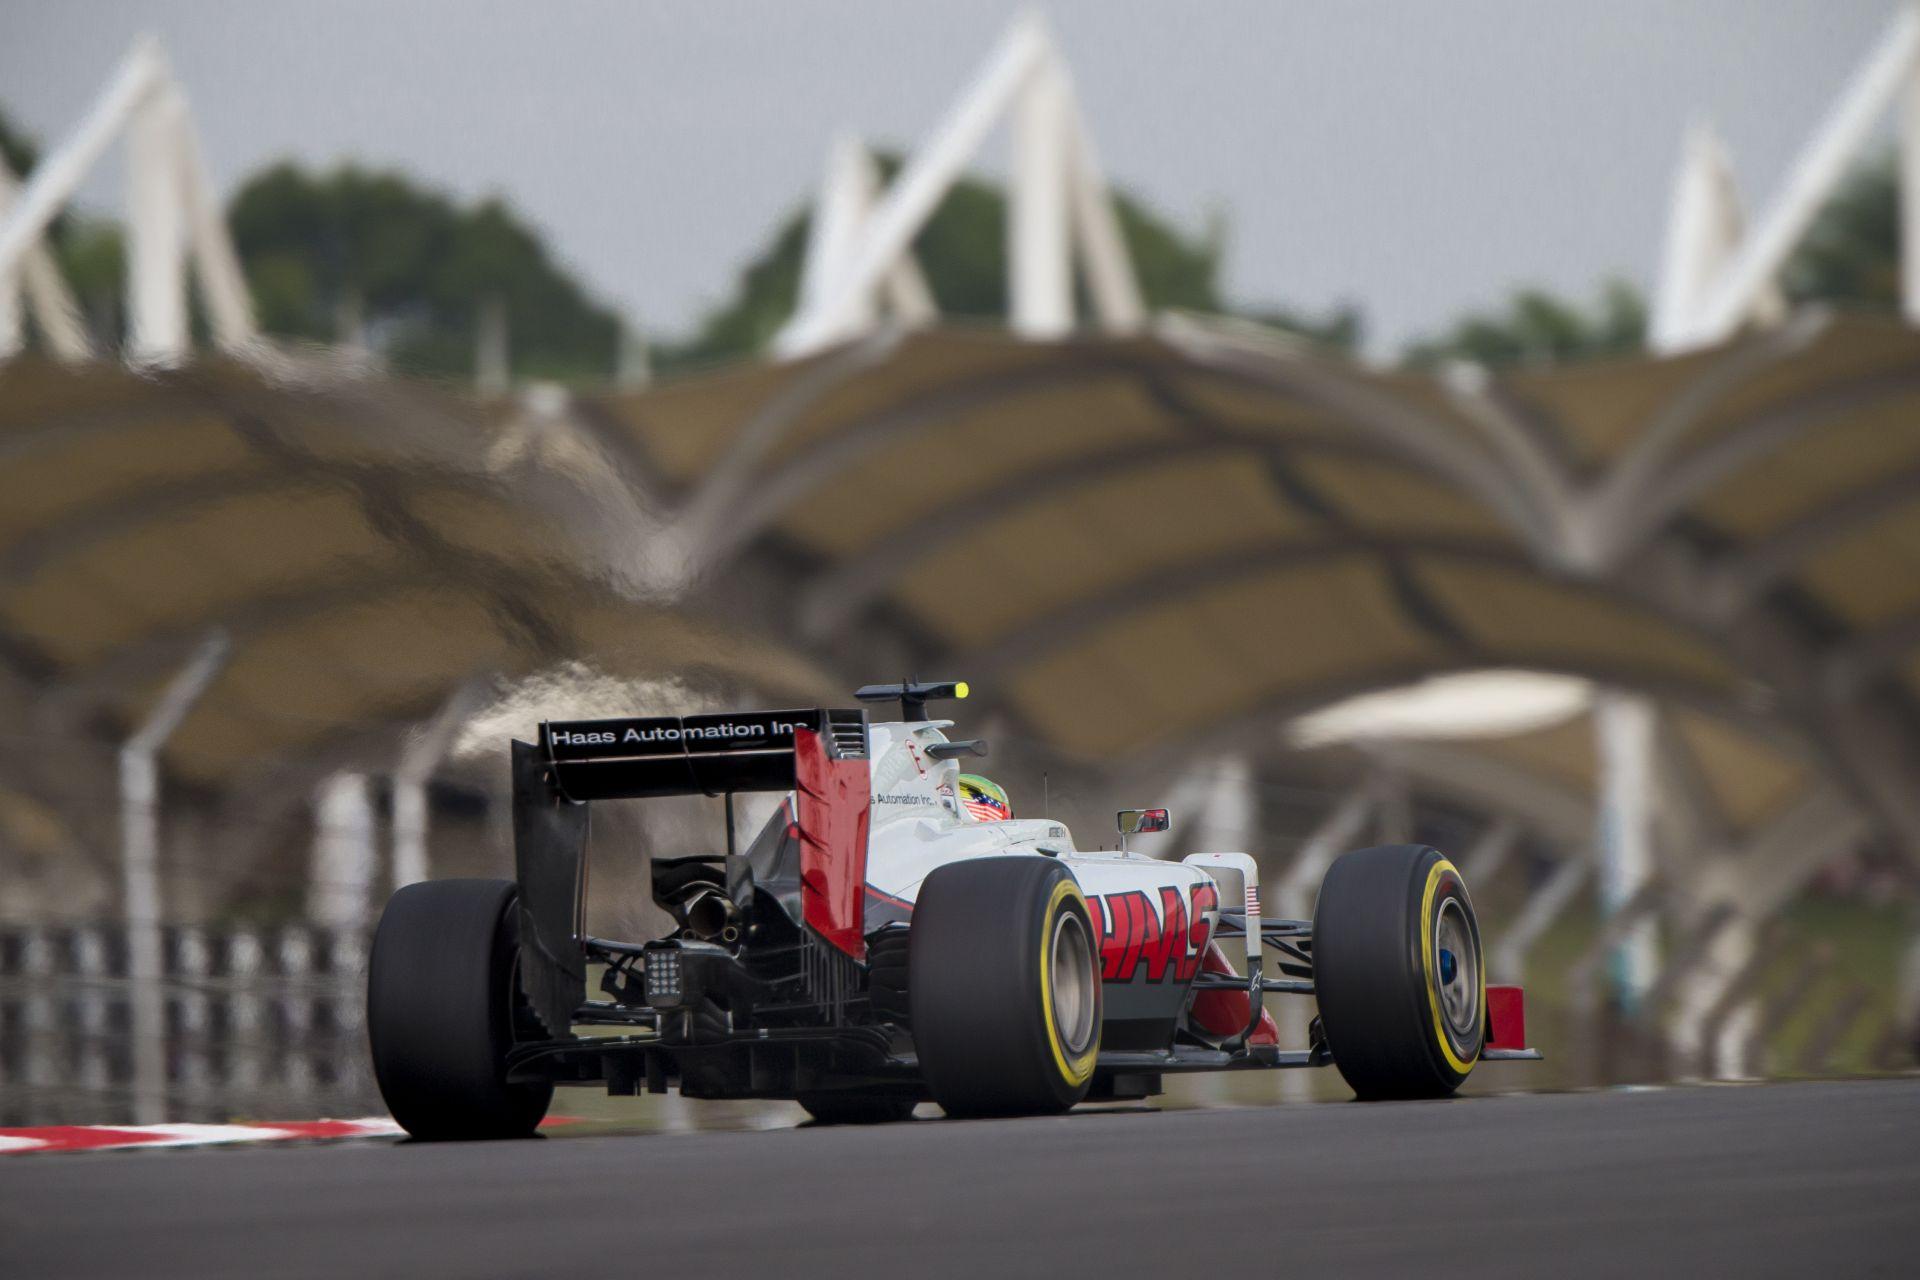 5000 euróra büntették a Haast a leváló kerék miatt